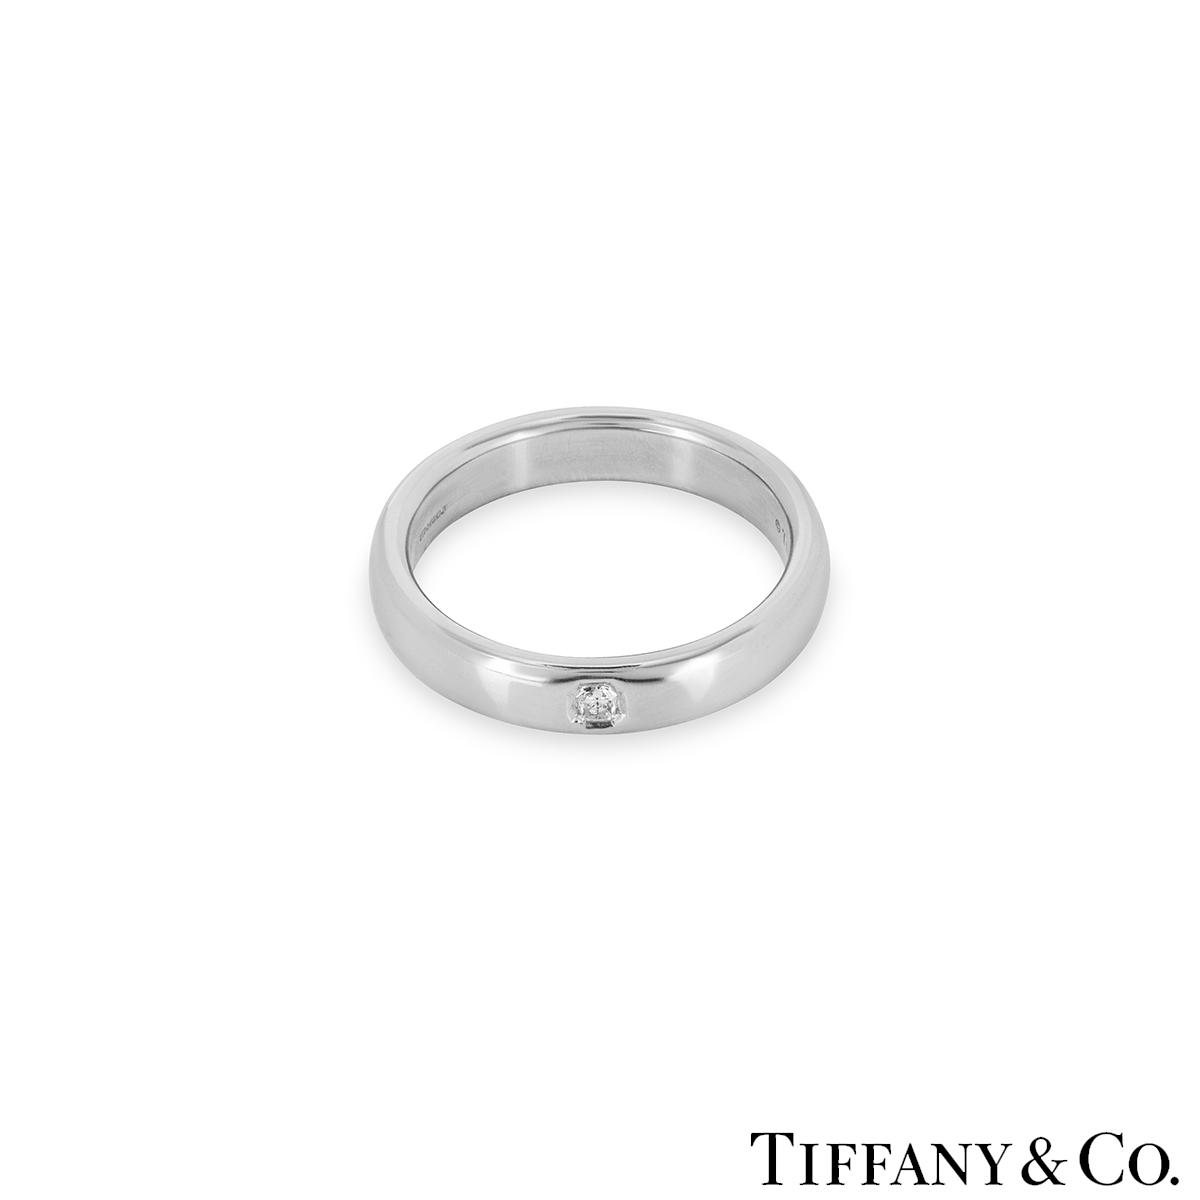 Tiffany Co Platinum Lucida 2mm Wedding Band Ring Sz 8: Tiffany Lucida Ring